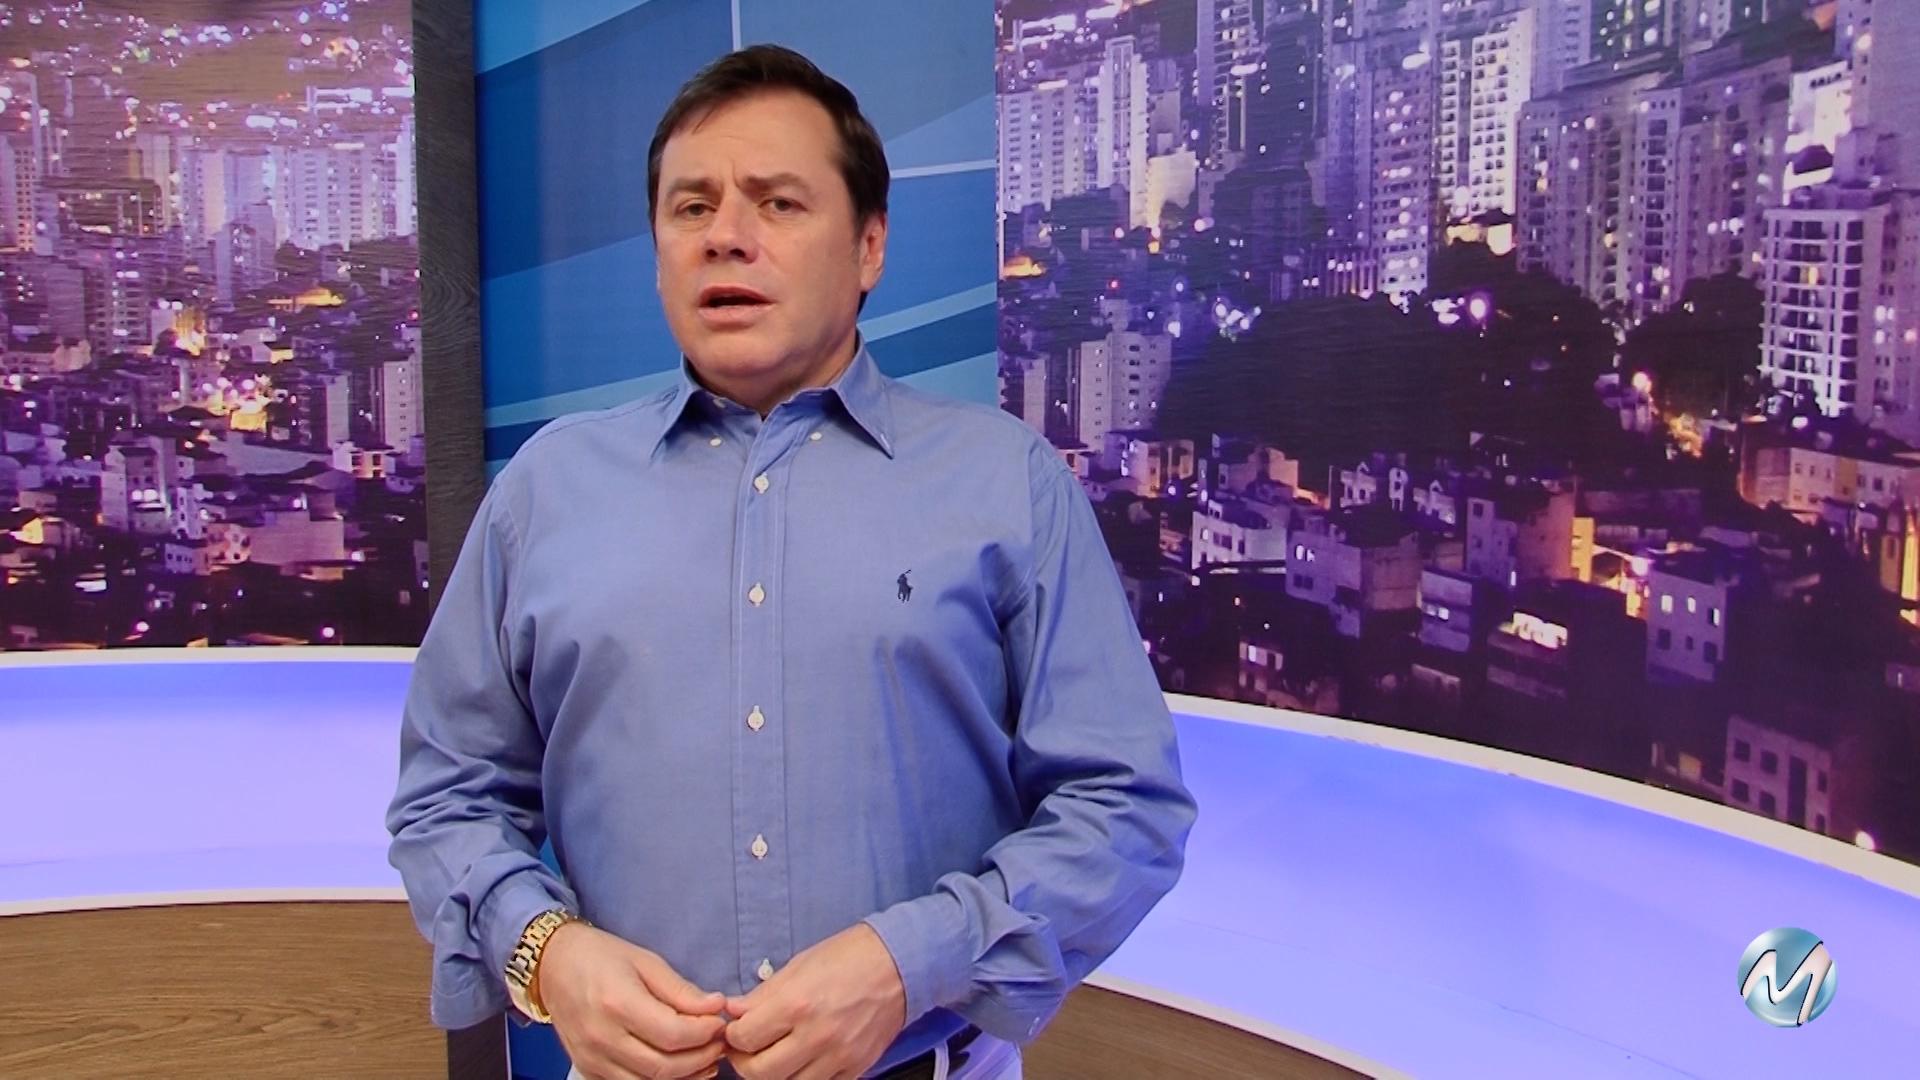 Fatos em Foco – 05/12/2020 – José Luiz Magrão traz as novidades do circuito social